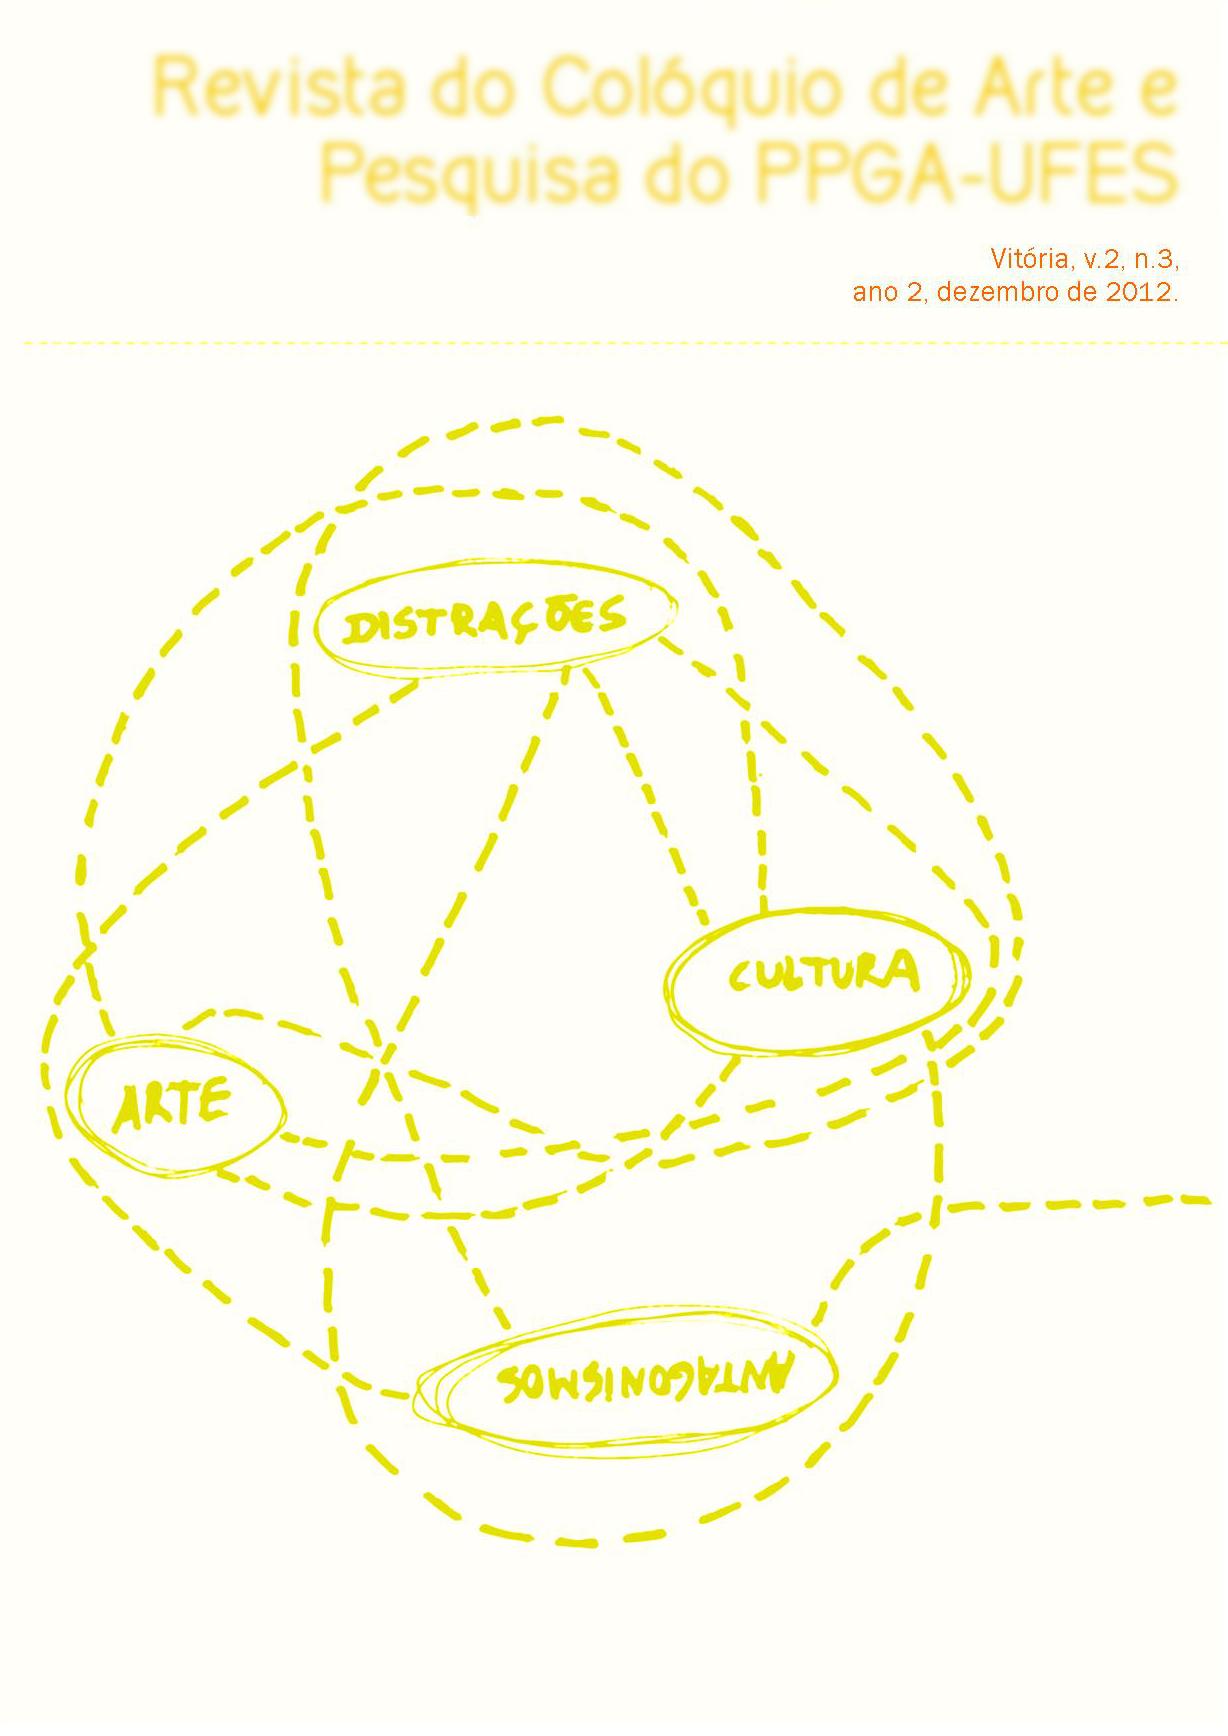 Revista do Colóquio de Arte e Pesquisa do PPGA-UFES, Ano 3, Volume 3, Número 5, 2012